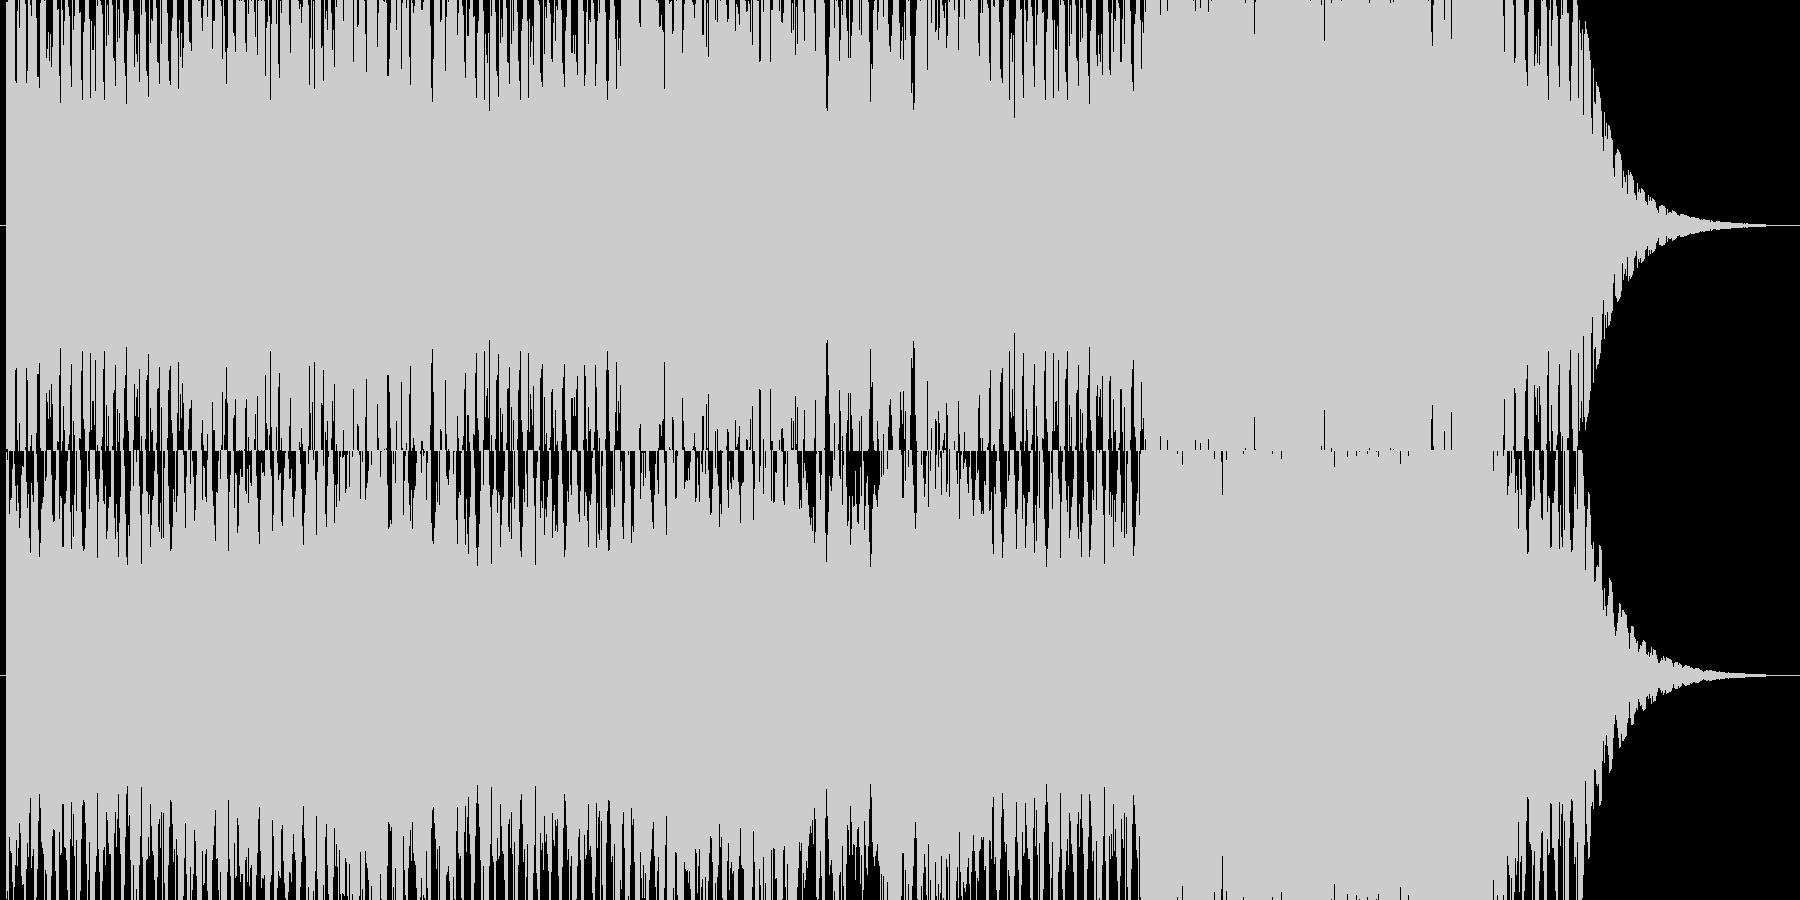 威圧感のあるオーケストラの未再生の波形